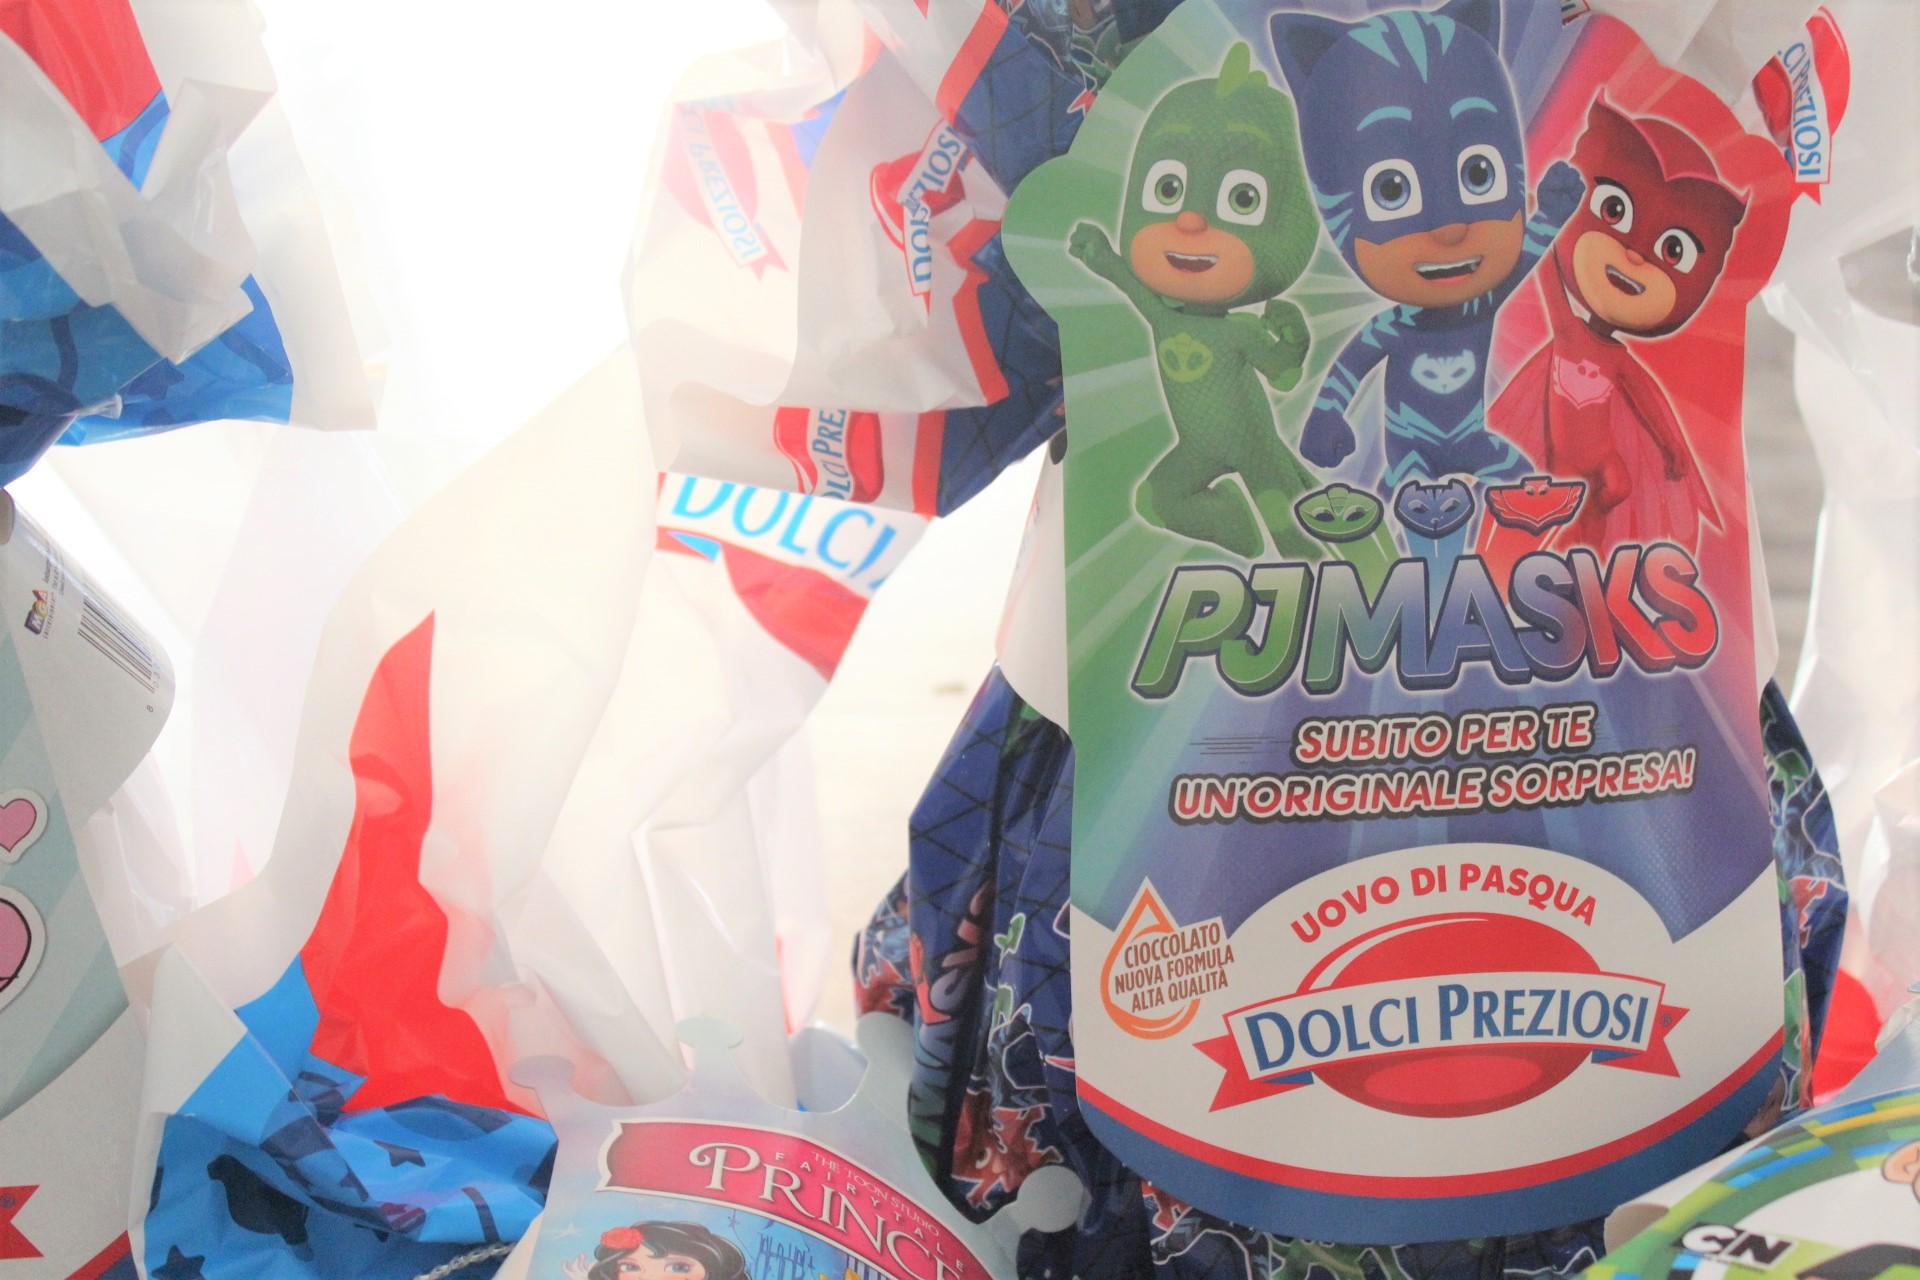 Uova di pasqua dei Super Pigiamini Pj Masks 2018 e molto altro